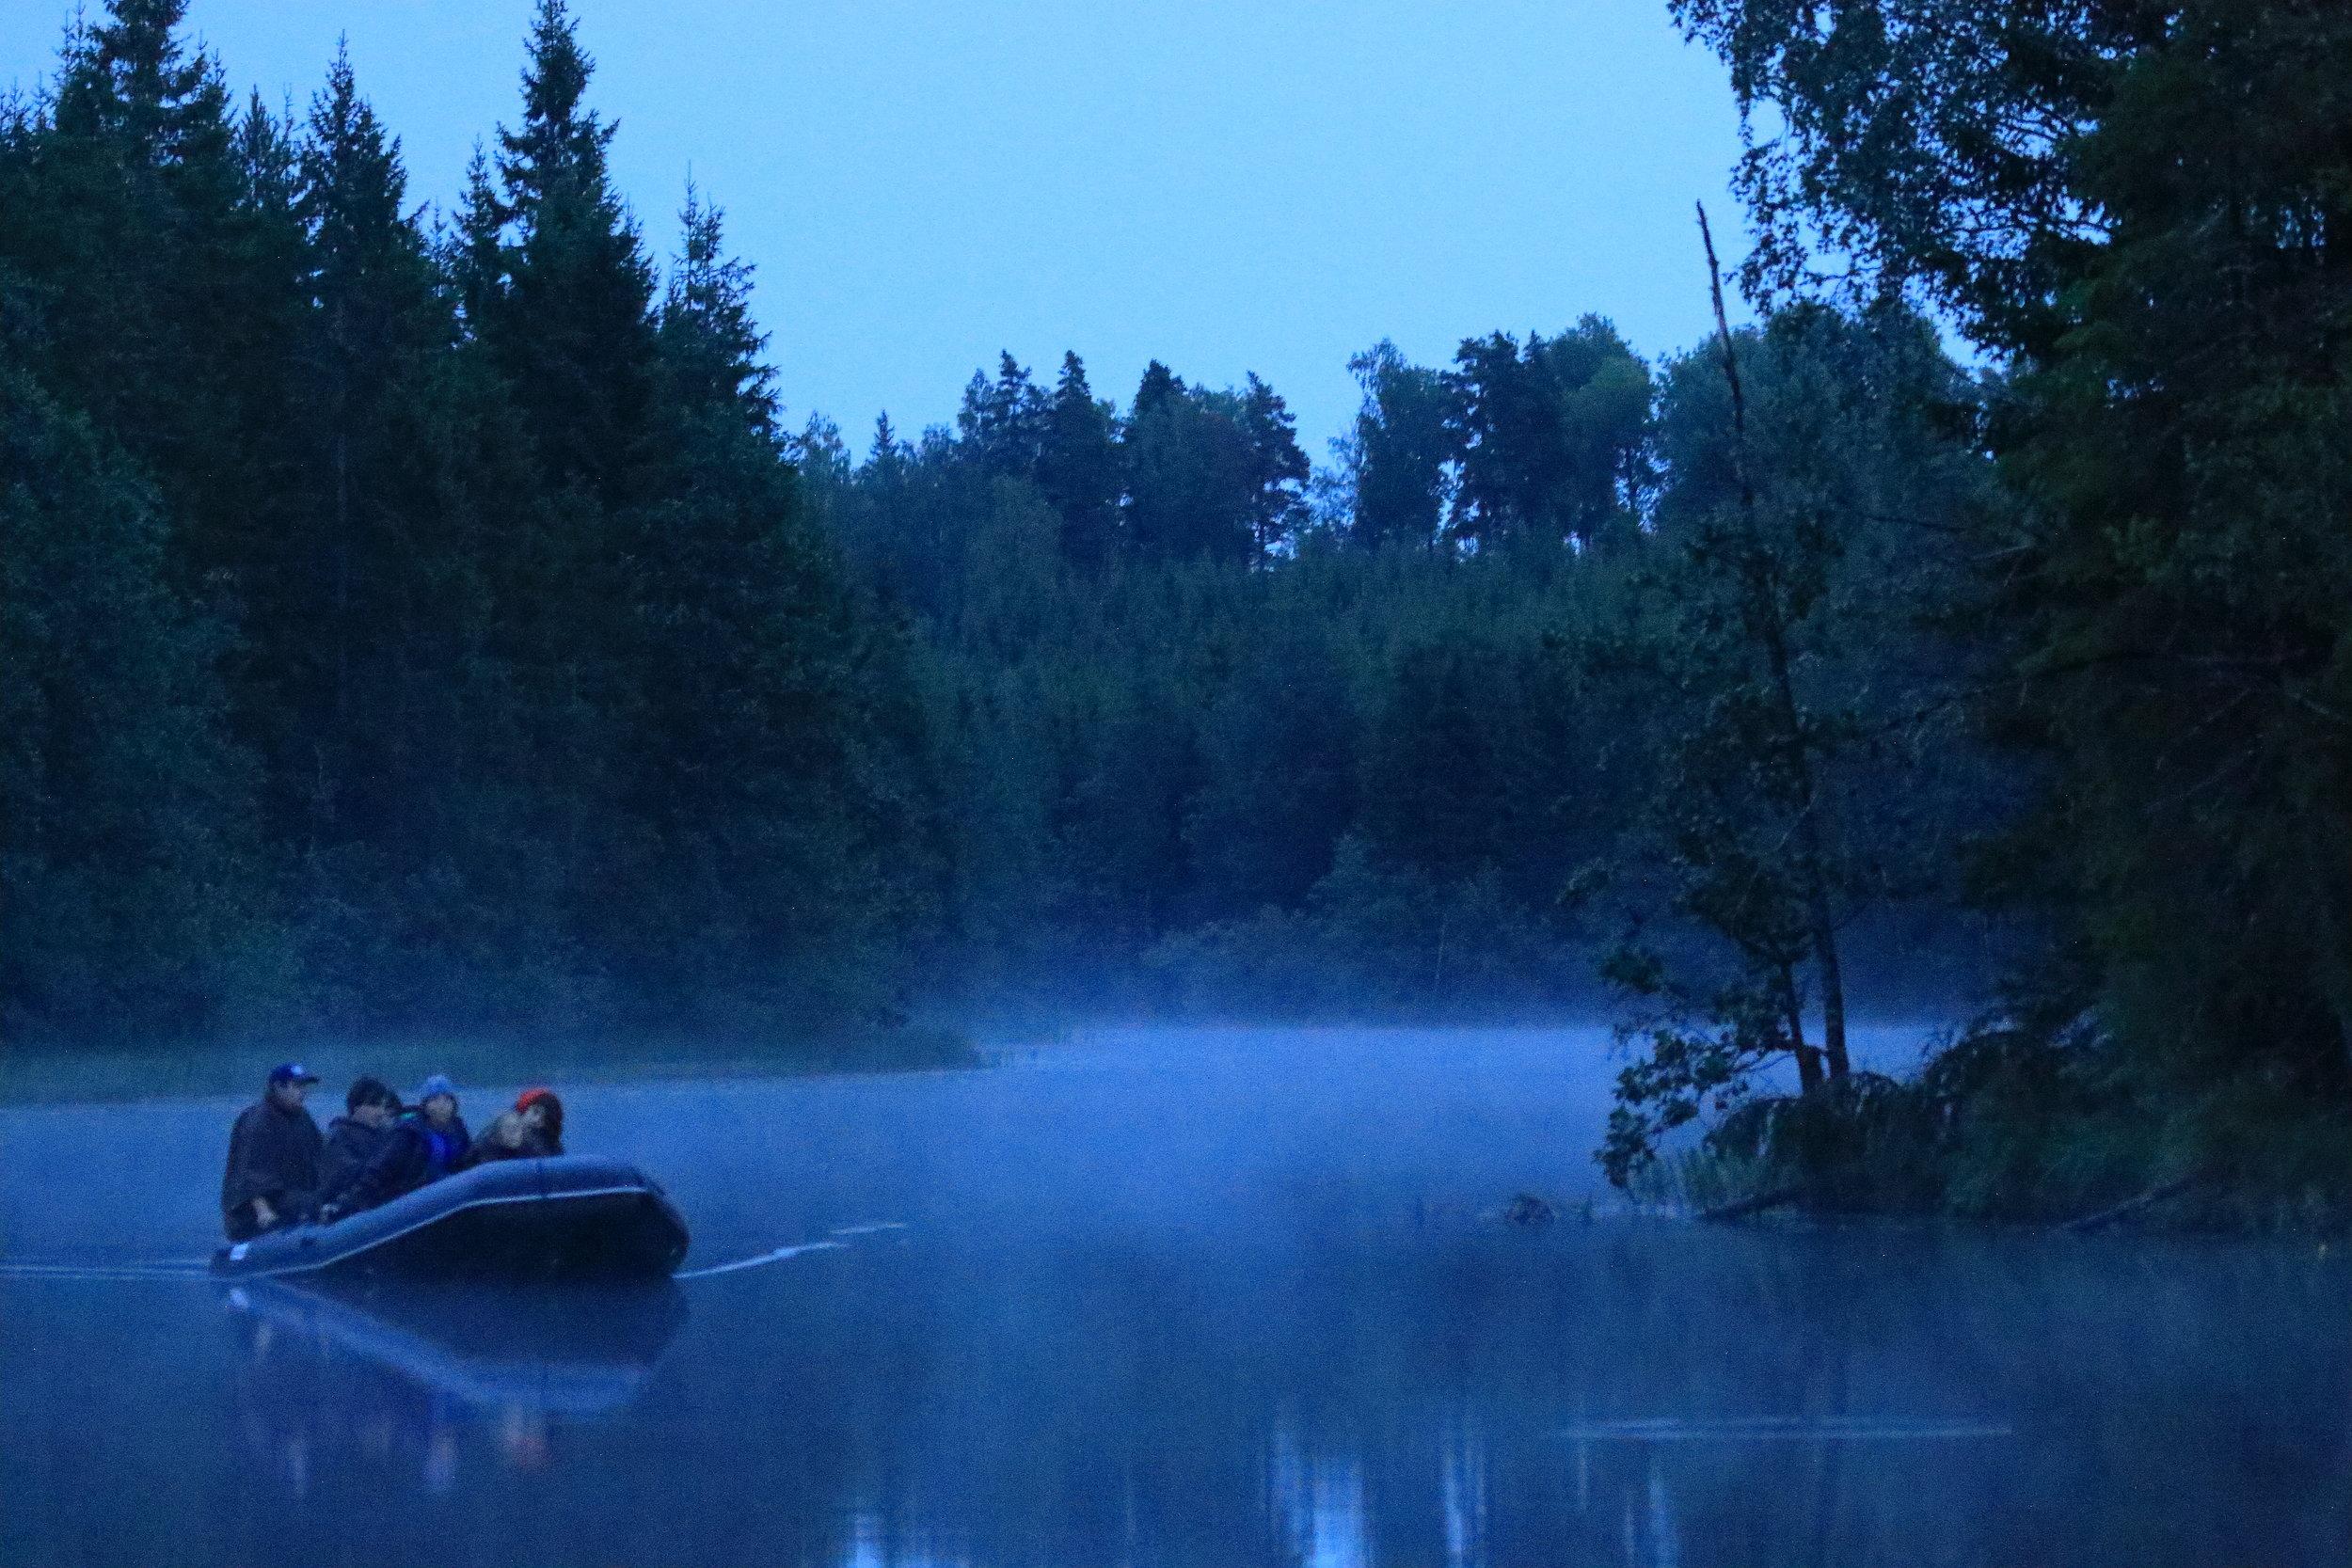 Bäversafarin är vår lugnaste upplevelse. Vi använder gummibåtar med elmotor som är helt tyst. Vi glider runt på stilla sjöar och åar där, och vi ser alltid bävrar. Foto: Jan Nordström